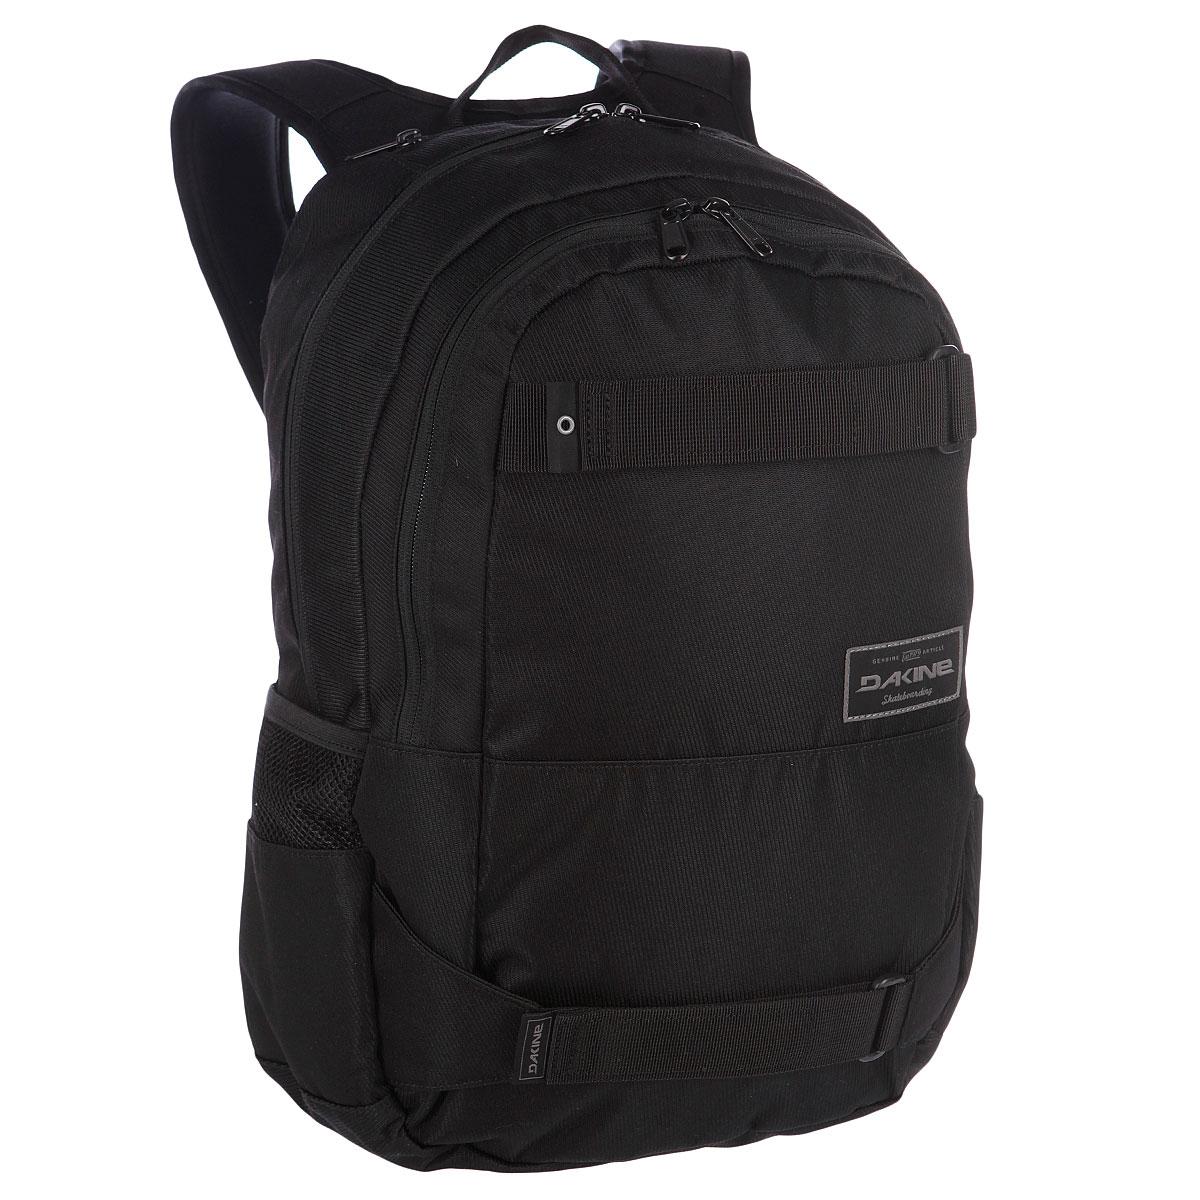 Dakine рюкзаки интернет иагазин рюкзаки городские большой